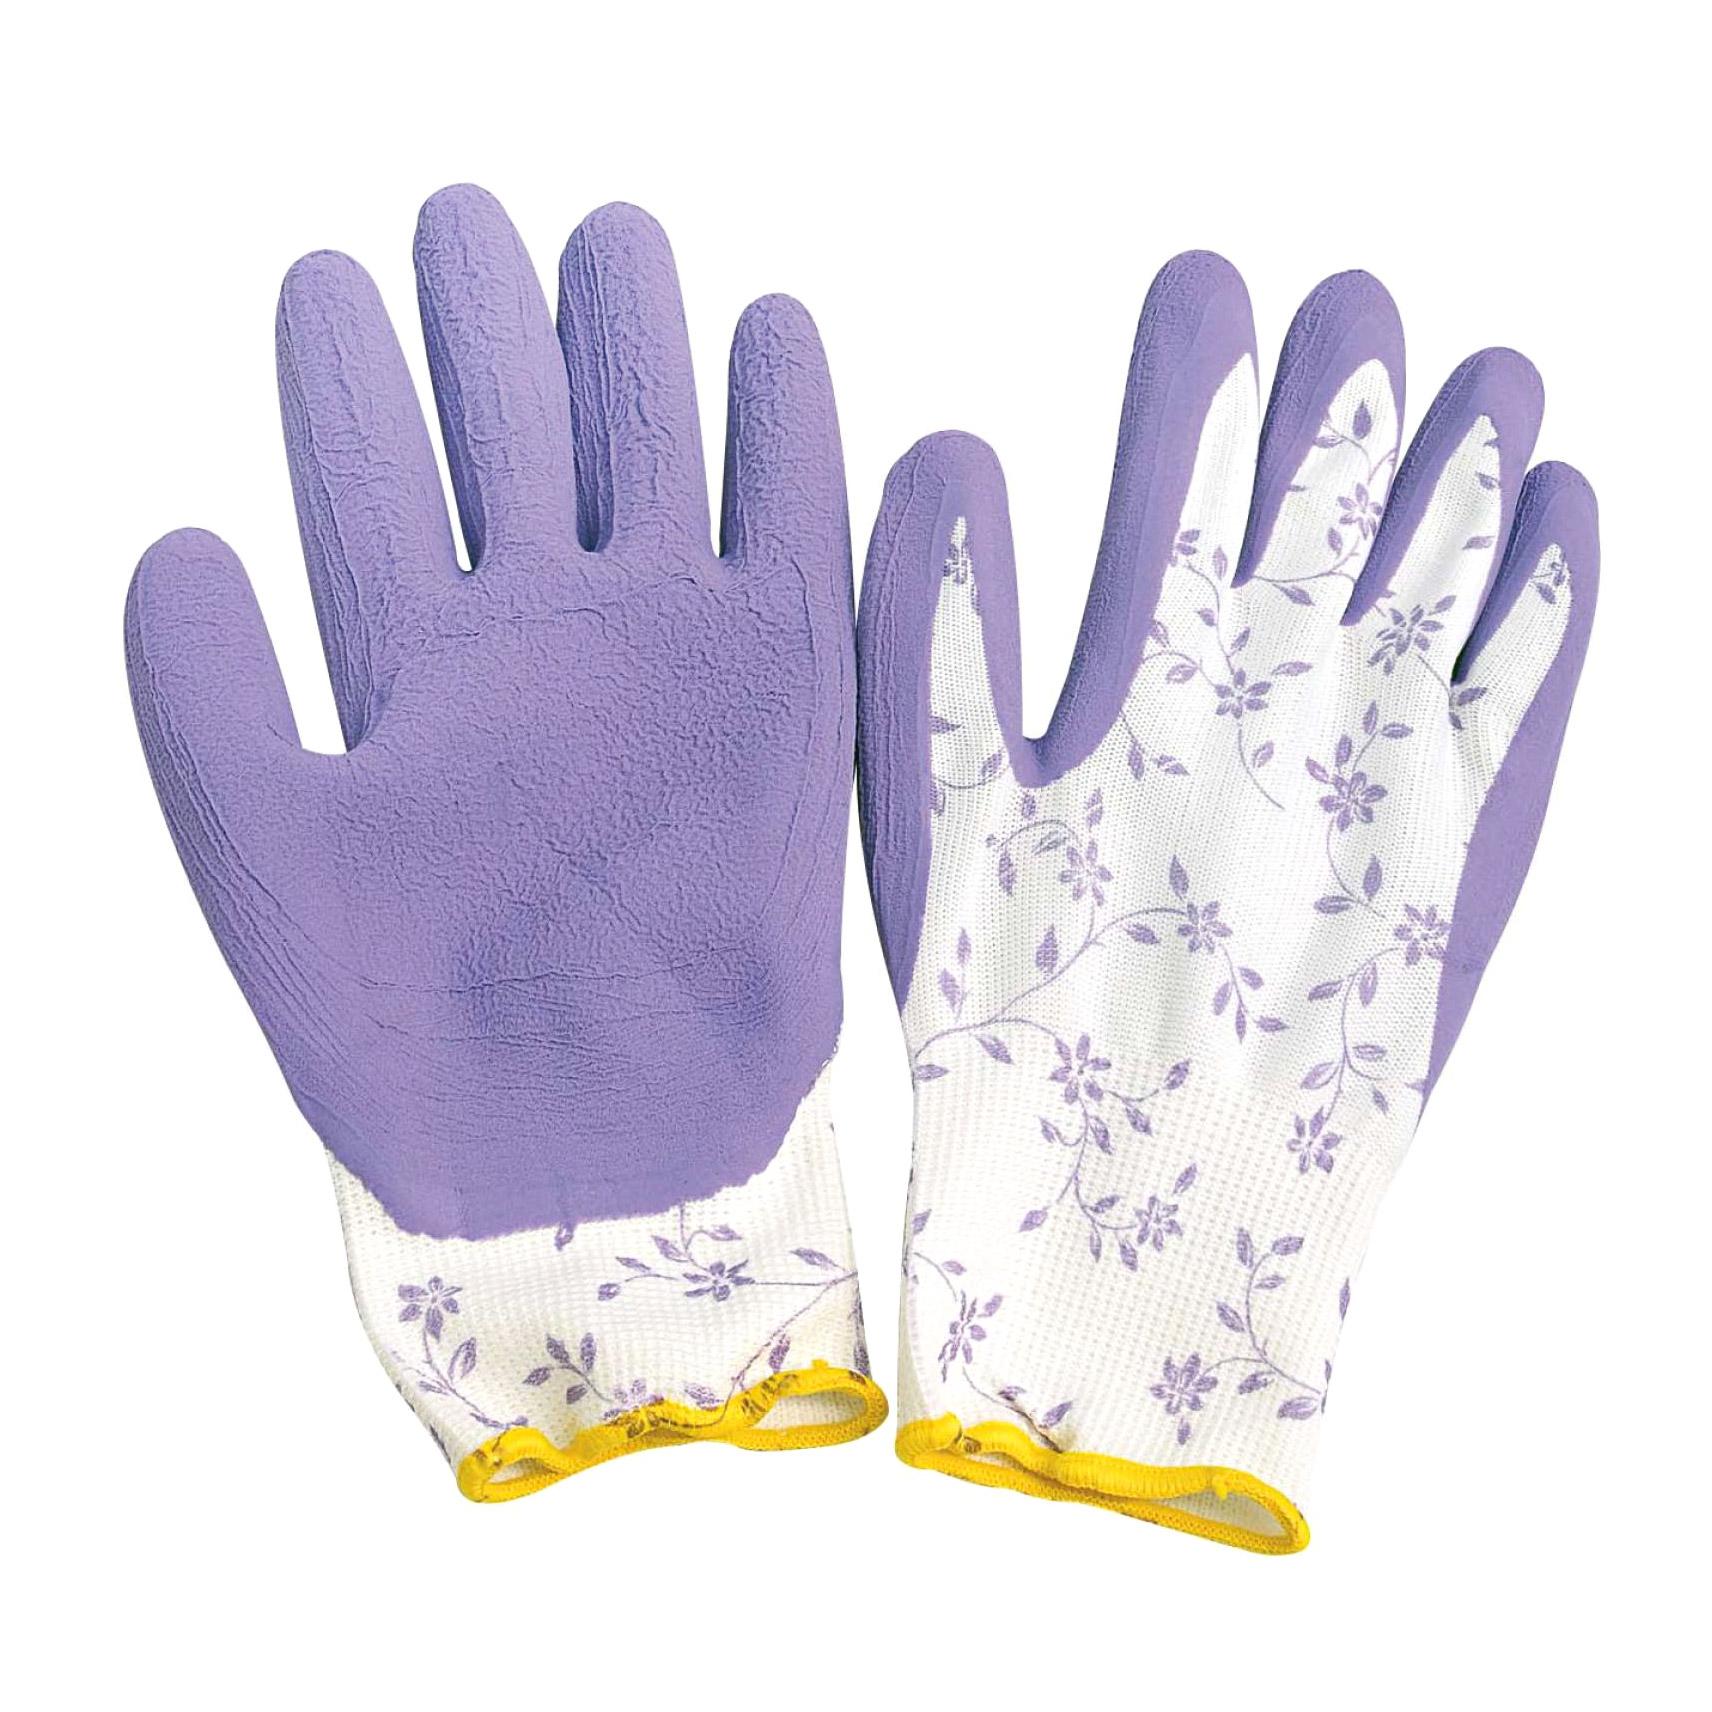 Фото - Перчатки садовые Verdemax бело-сиреневые s перчатки садовые verdemax серо зеленые m